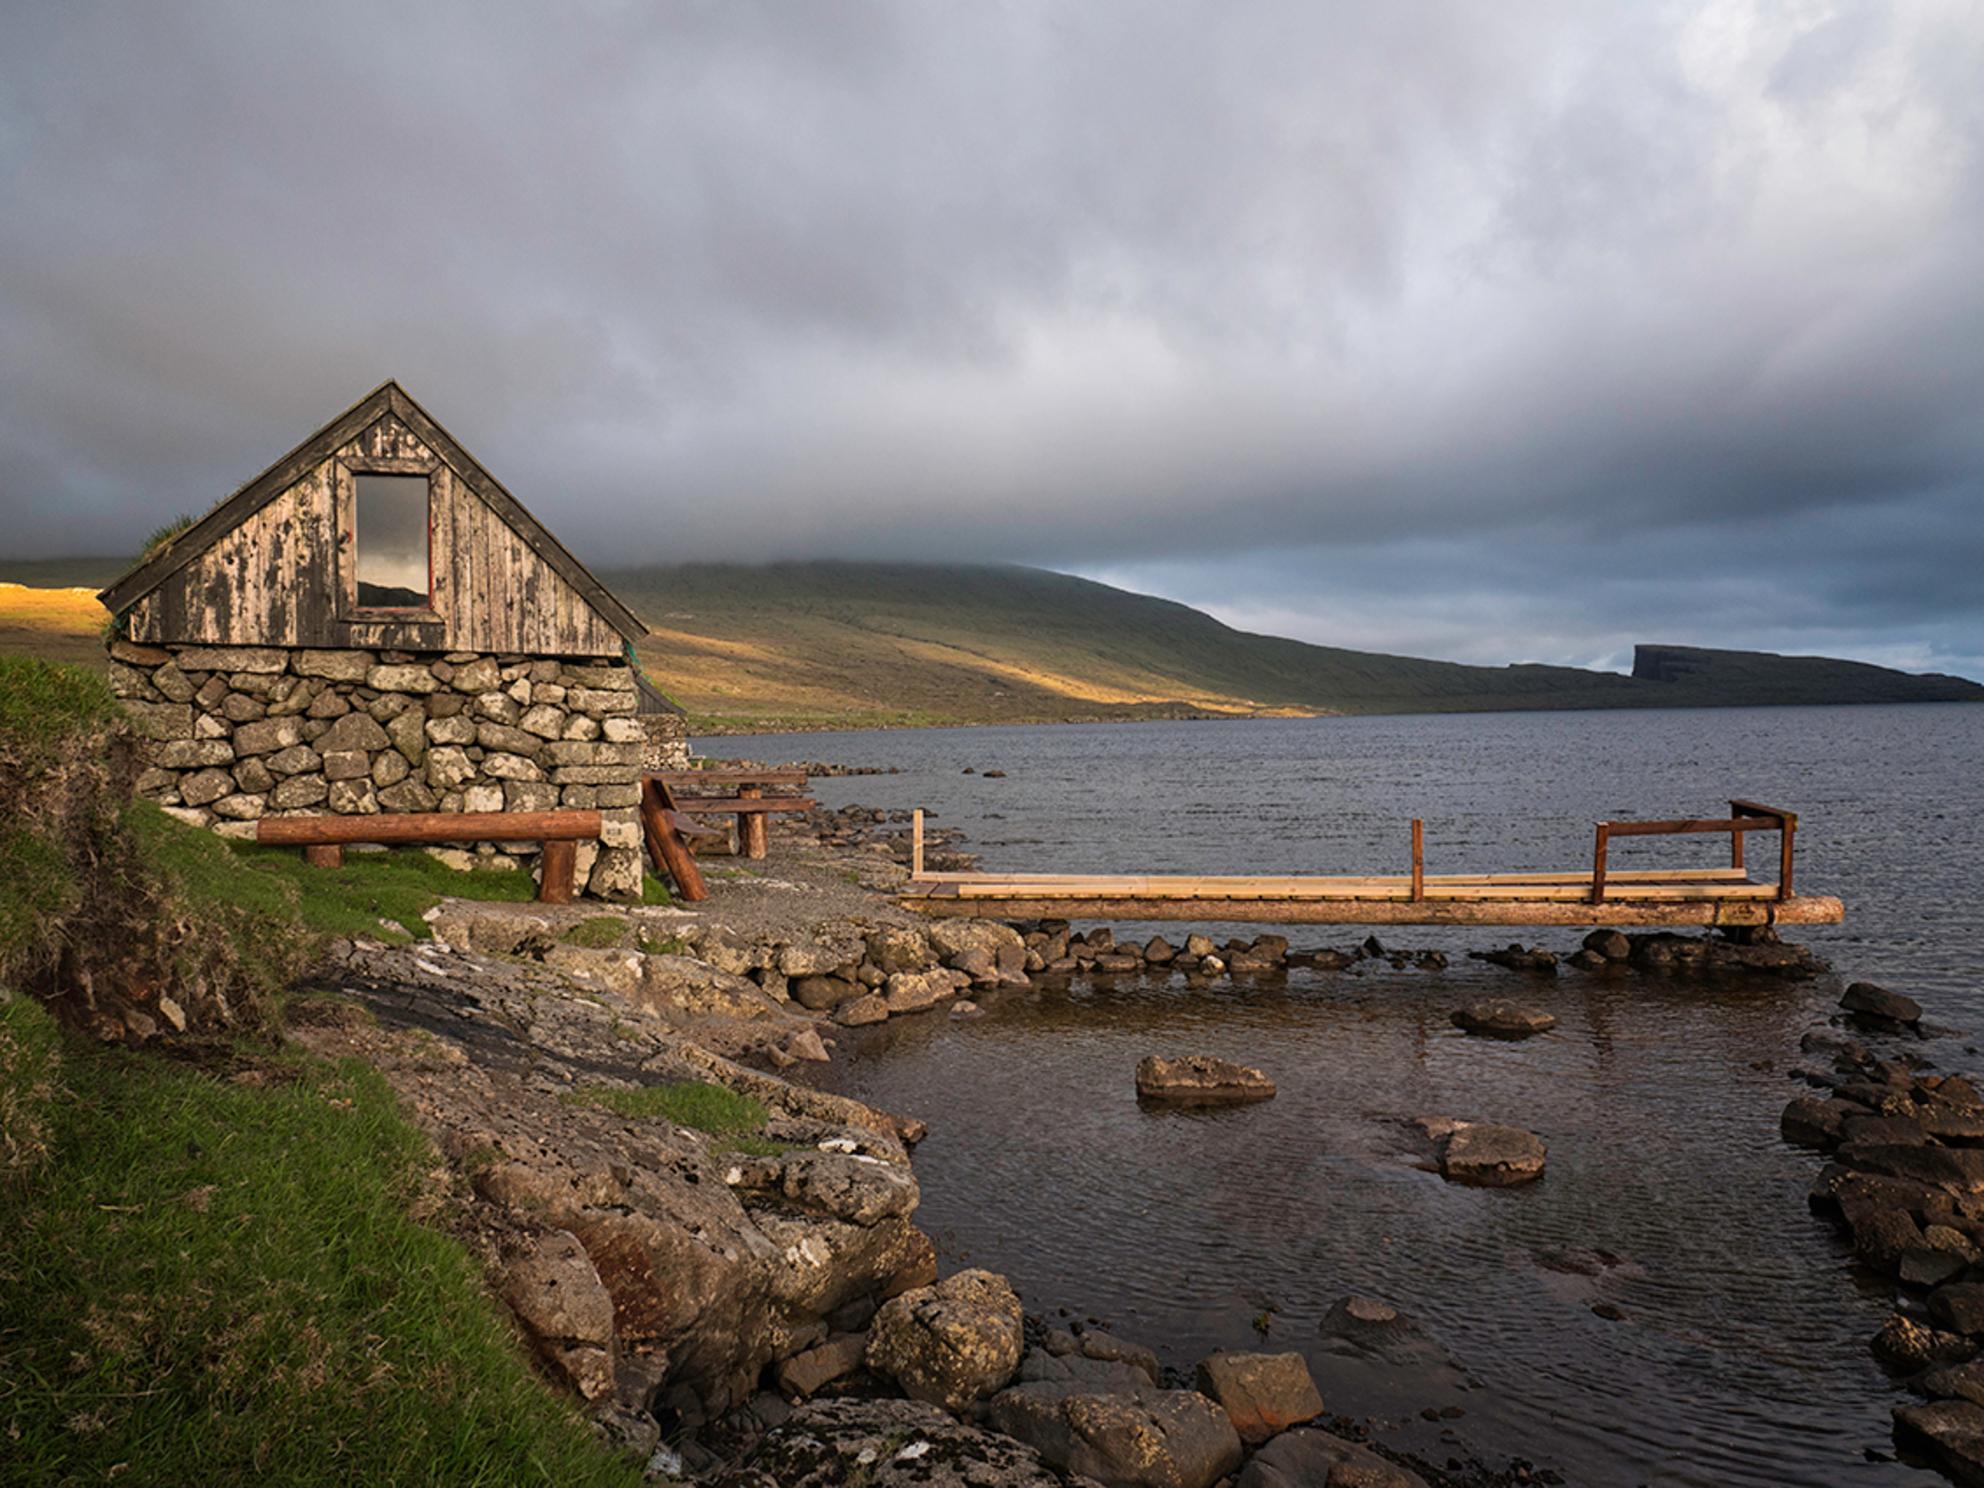 Near Bøsdalafossur - Onderweg naar de waterval van Bøsdalafossur - foto door Lakesite op 13-09-2017 - deze foto bevat: lucht, wolken, kleur, zon, uitzicht, water, boot, zonsondergang, reizen, landschap, bergen, wandelen, cultuur, reisfotografie, europa